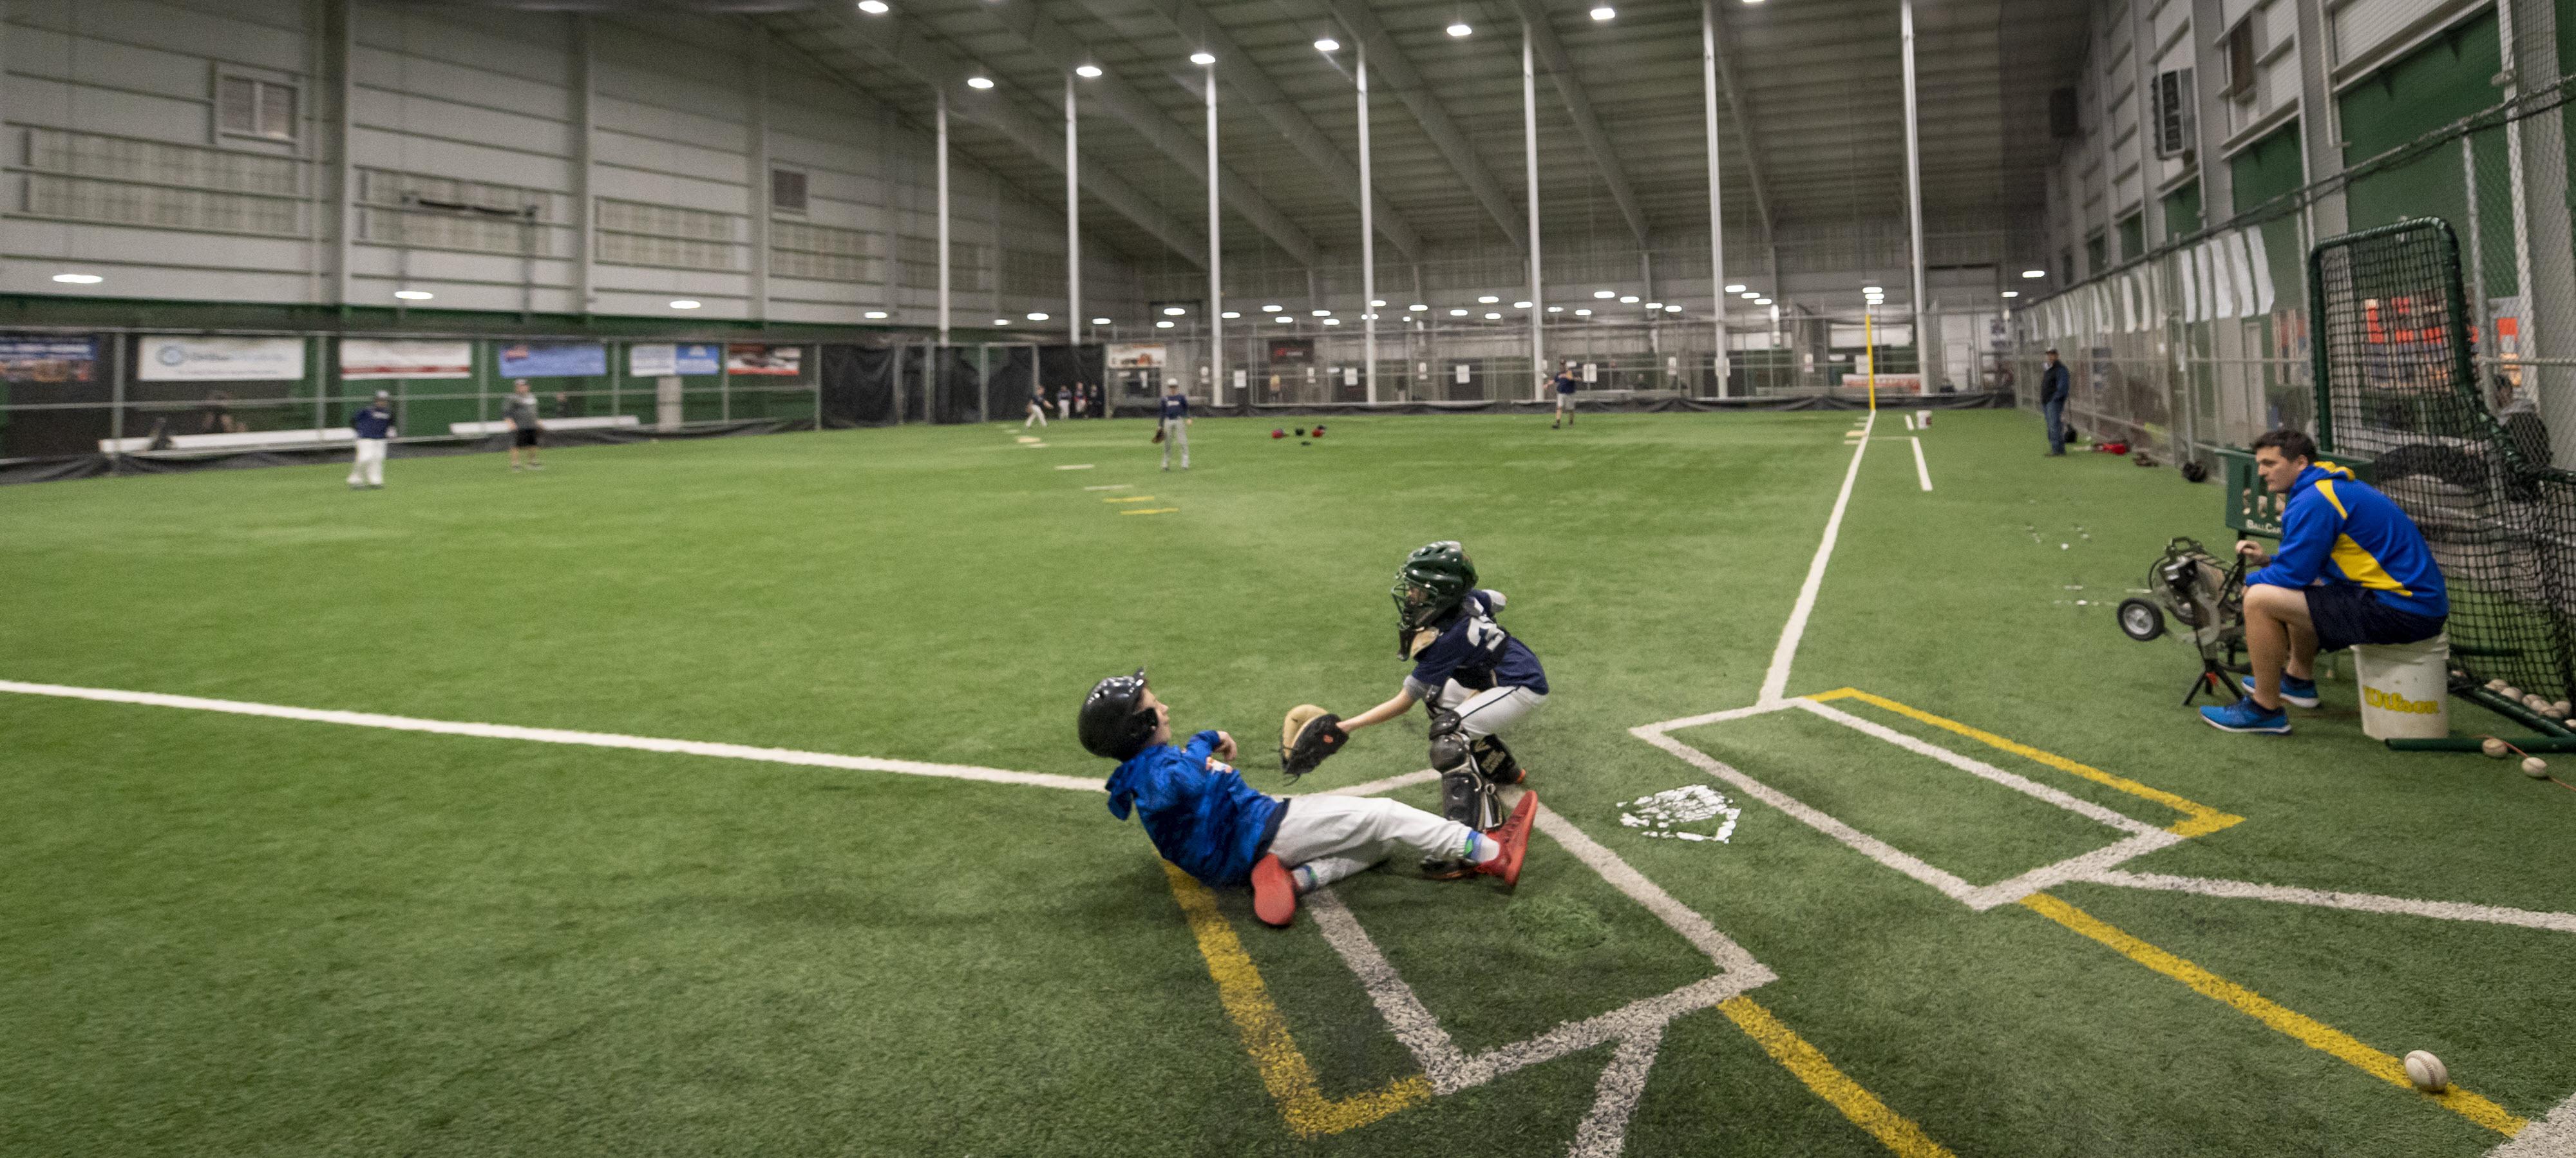 Baseball_Indoors